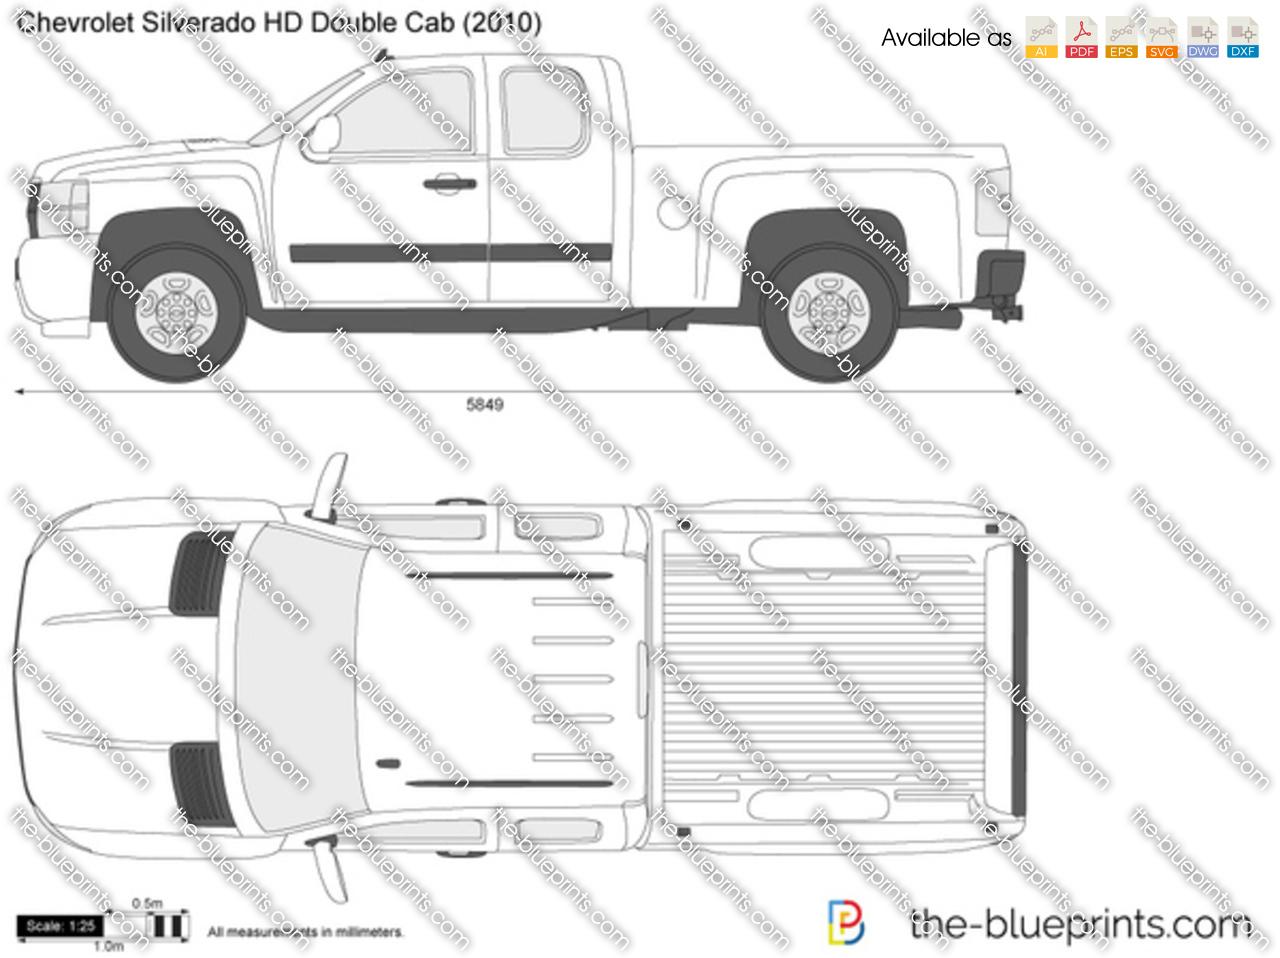 Chevrolet Silverado HD Double Cab 2014